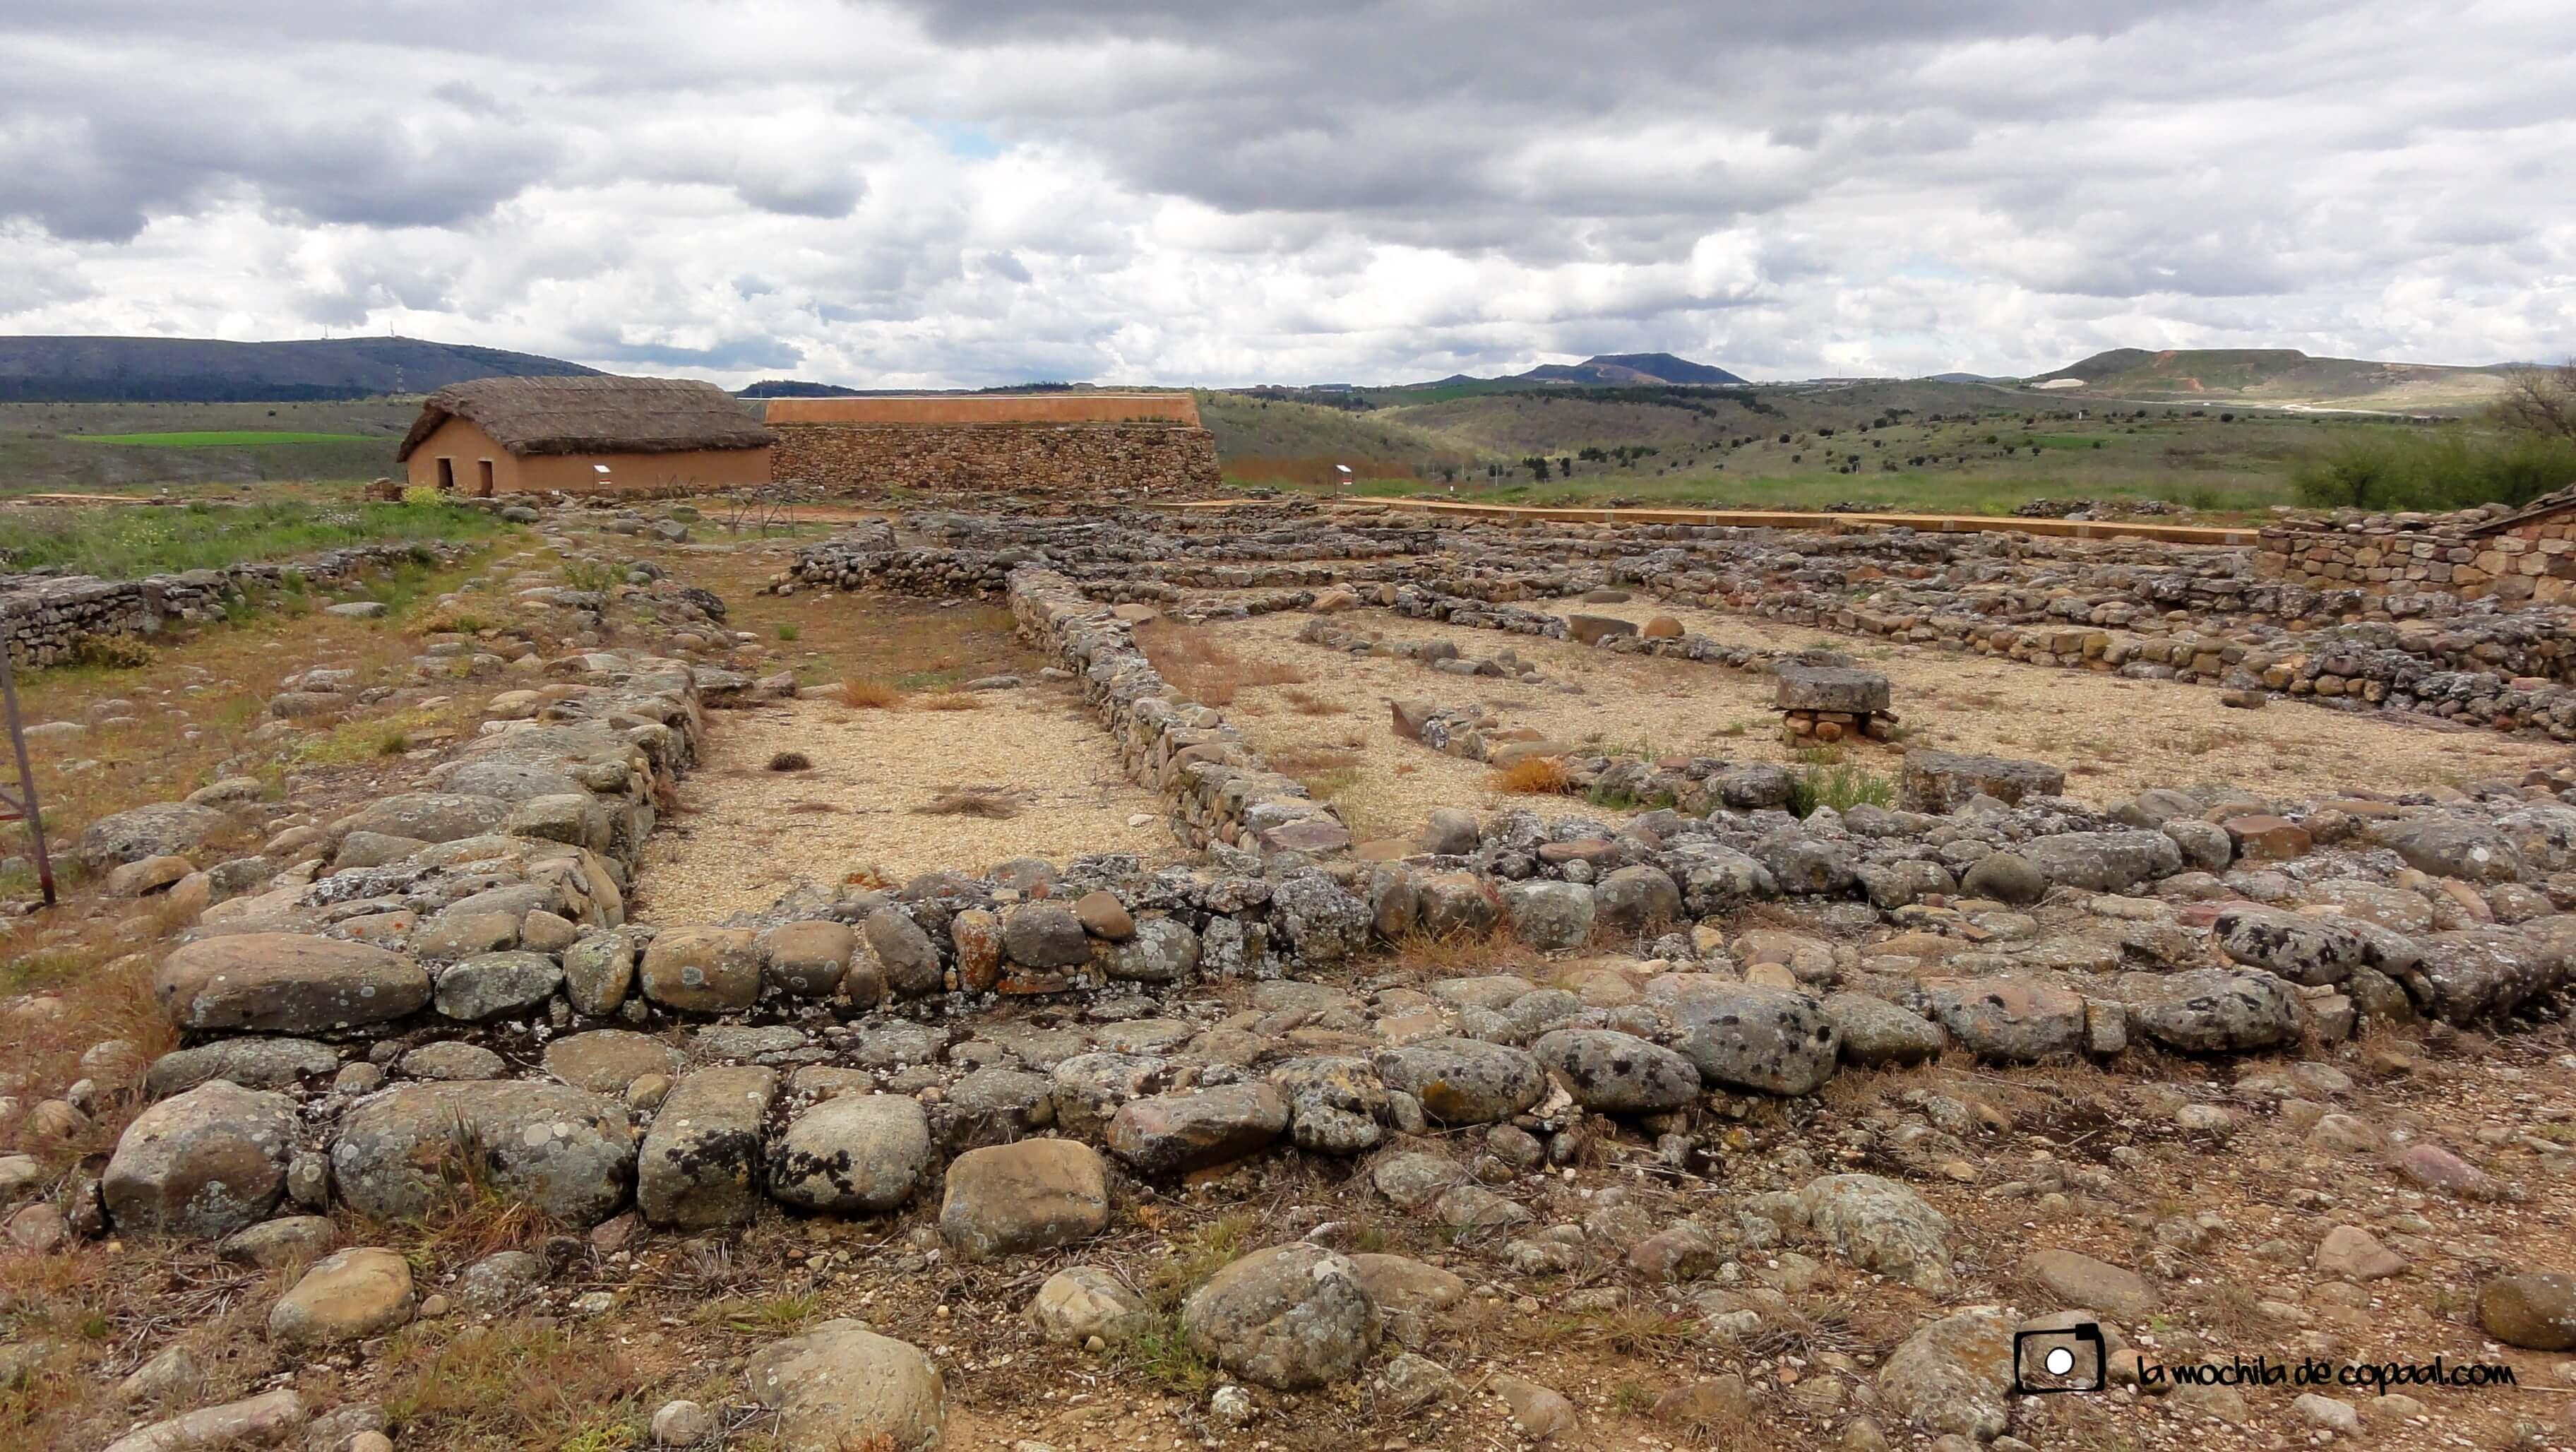 yacimiento Numancia, edificio público